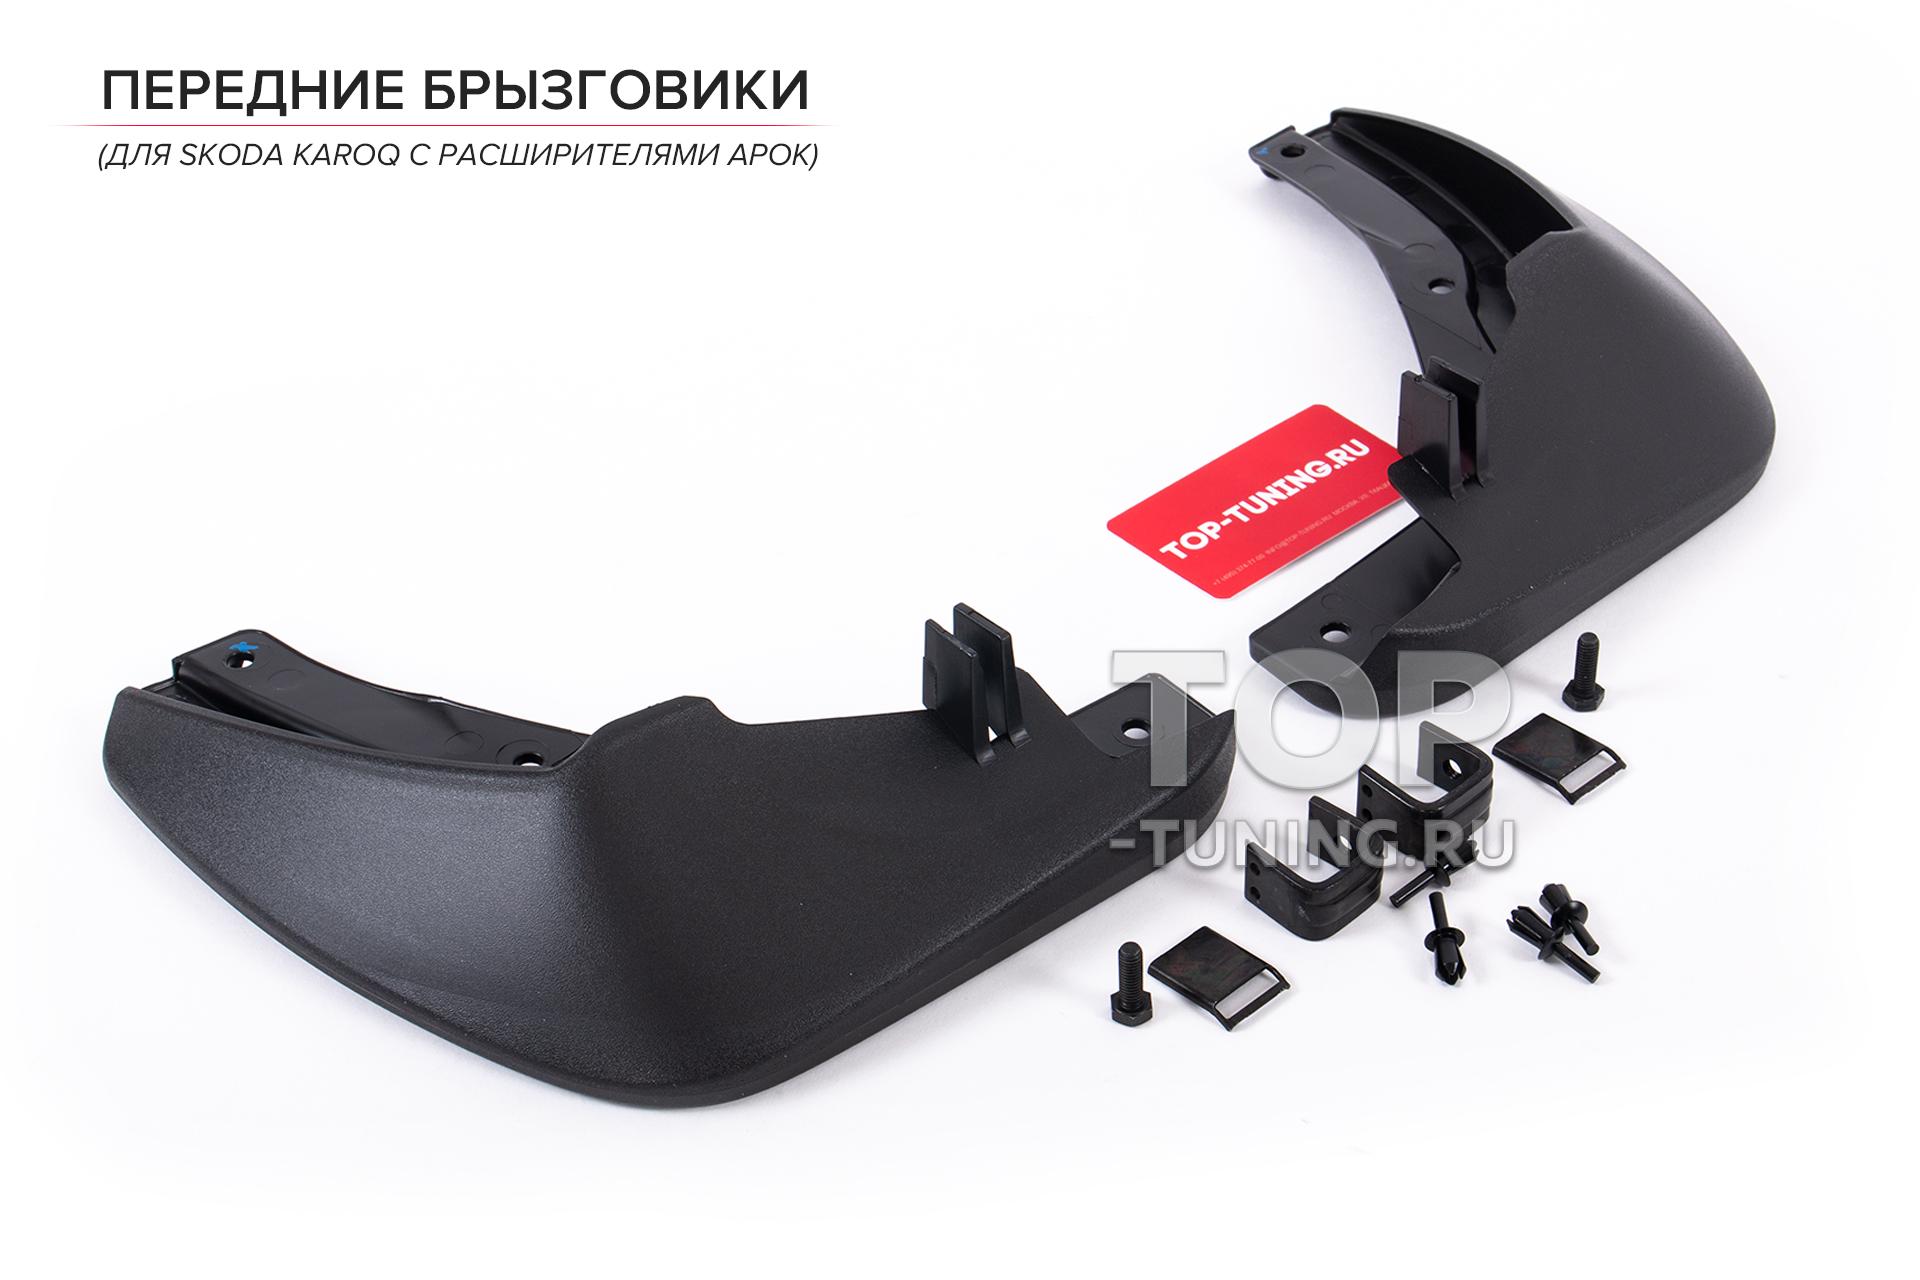 Комплект оригинальных передних брызговиков для Шкода Карок купить